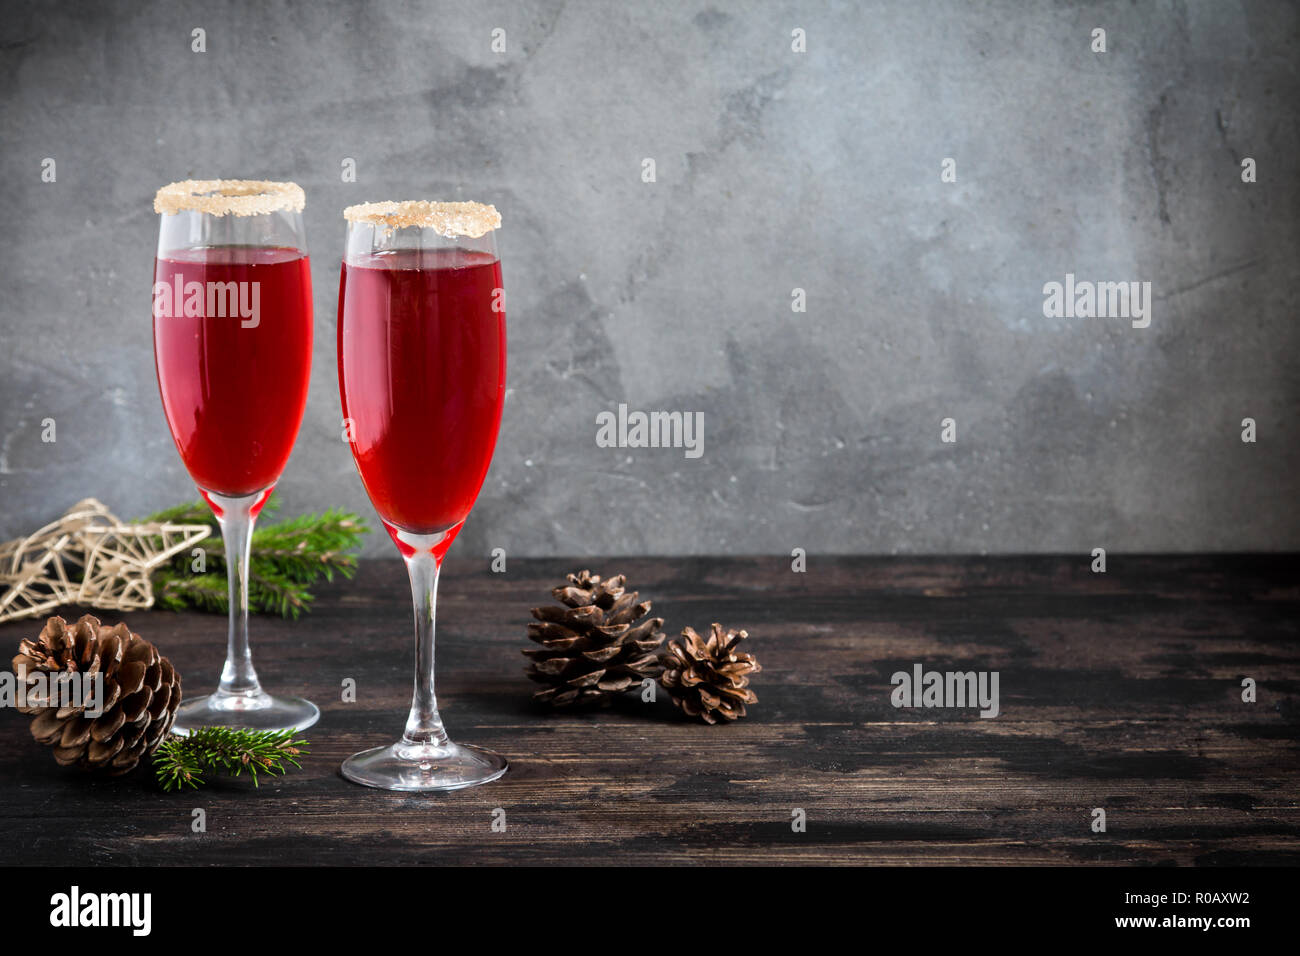 Mimosa drink di festa per il Natale - champagne cocktail rosso Mimosa (mocktail) con mirtillo palustre per la festa di Natale, spazio di copia Immagini Stock